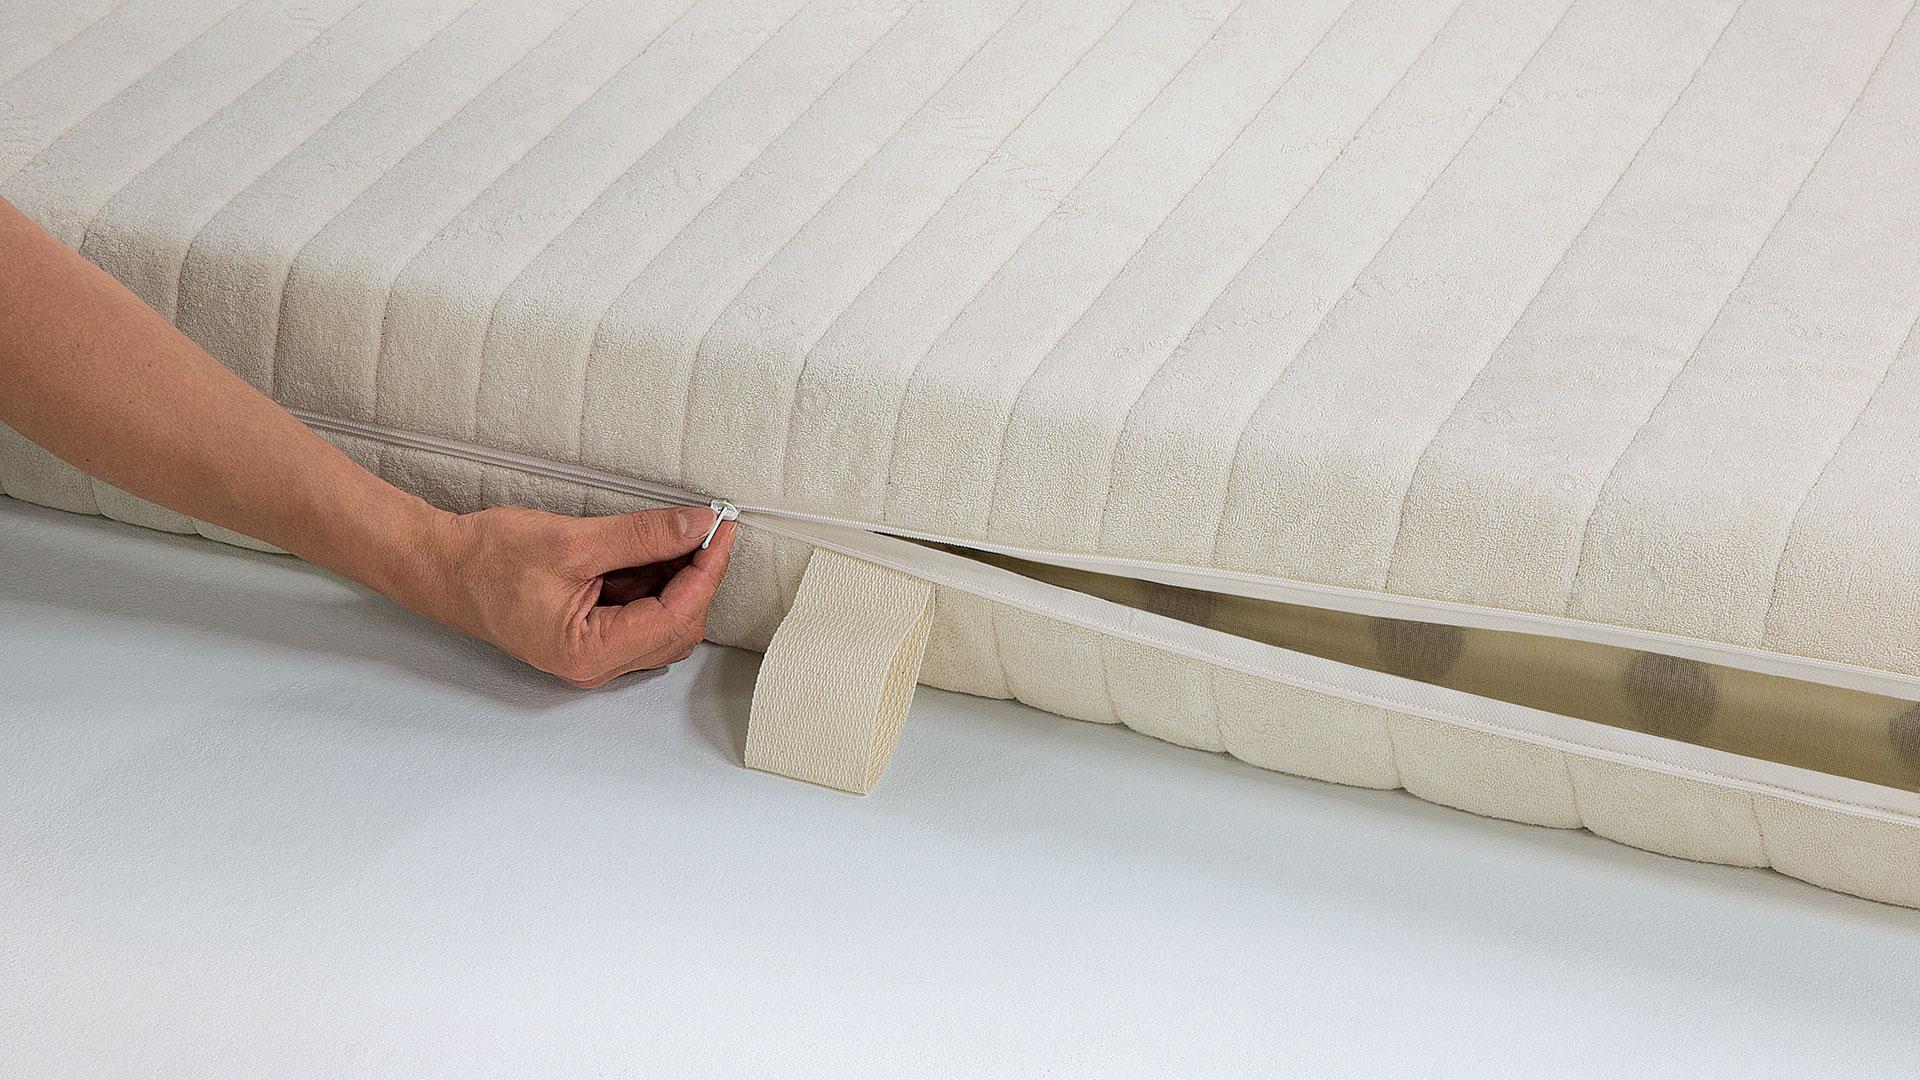 allnatura matratzen erfahrung die sch nsten. Black Bedroom Furniture Sets. Home Design Ideas